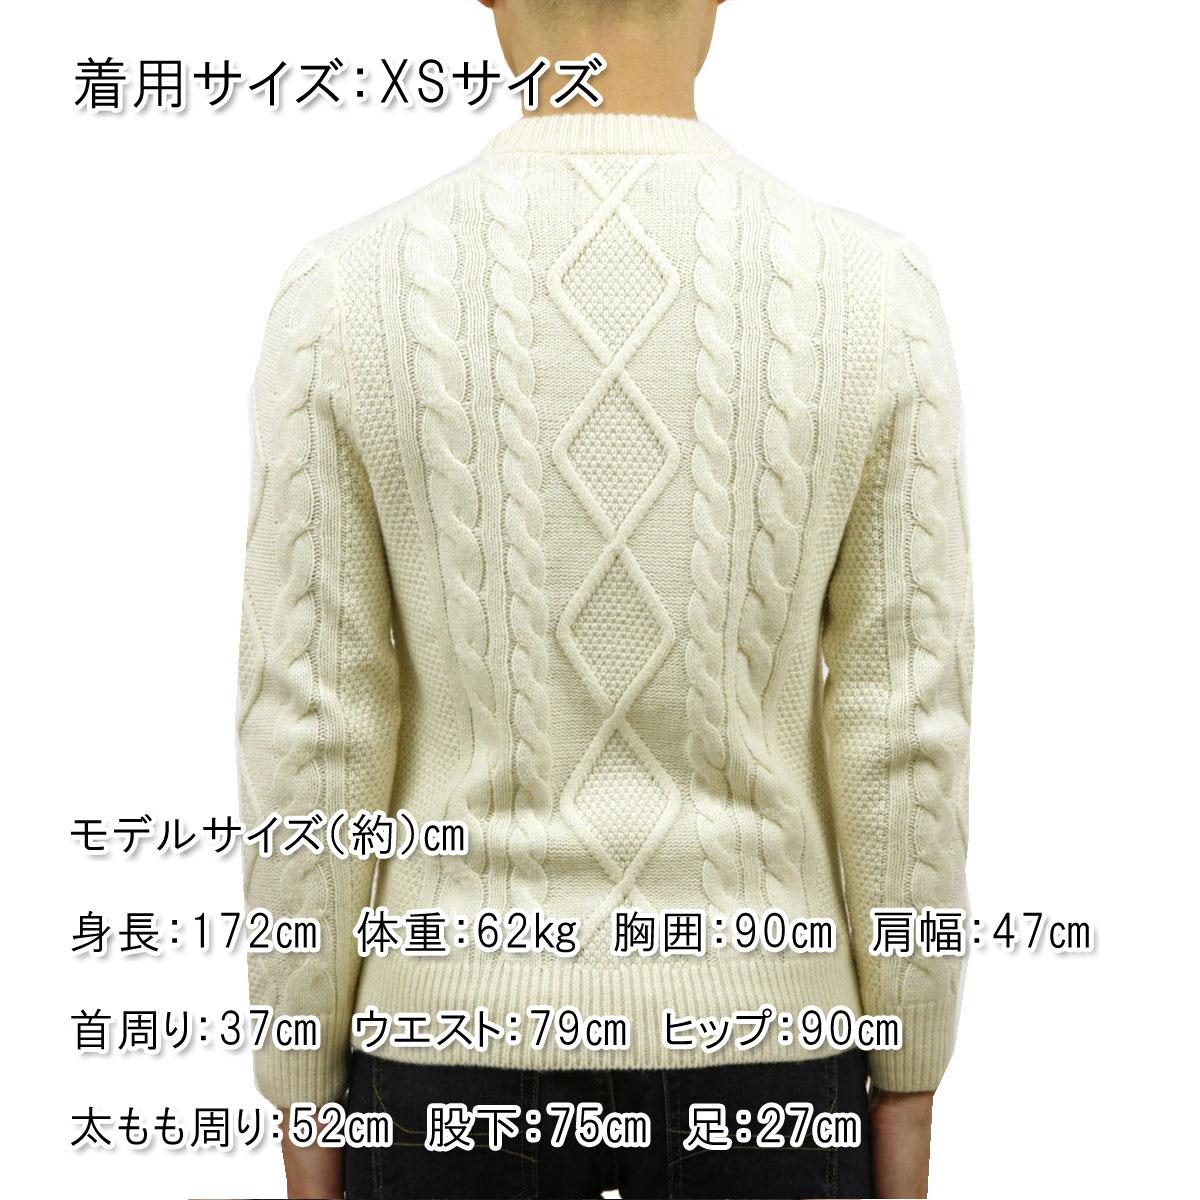 アバクロ セーター メンズ 正規品 Abercrombie&Fitch クルーネックセーター CREWNECK SWEATER 120-201-1631-100 A02B B1C C1D D7E E18F